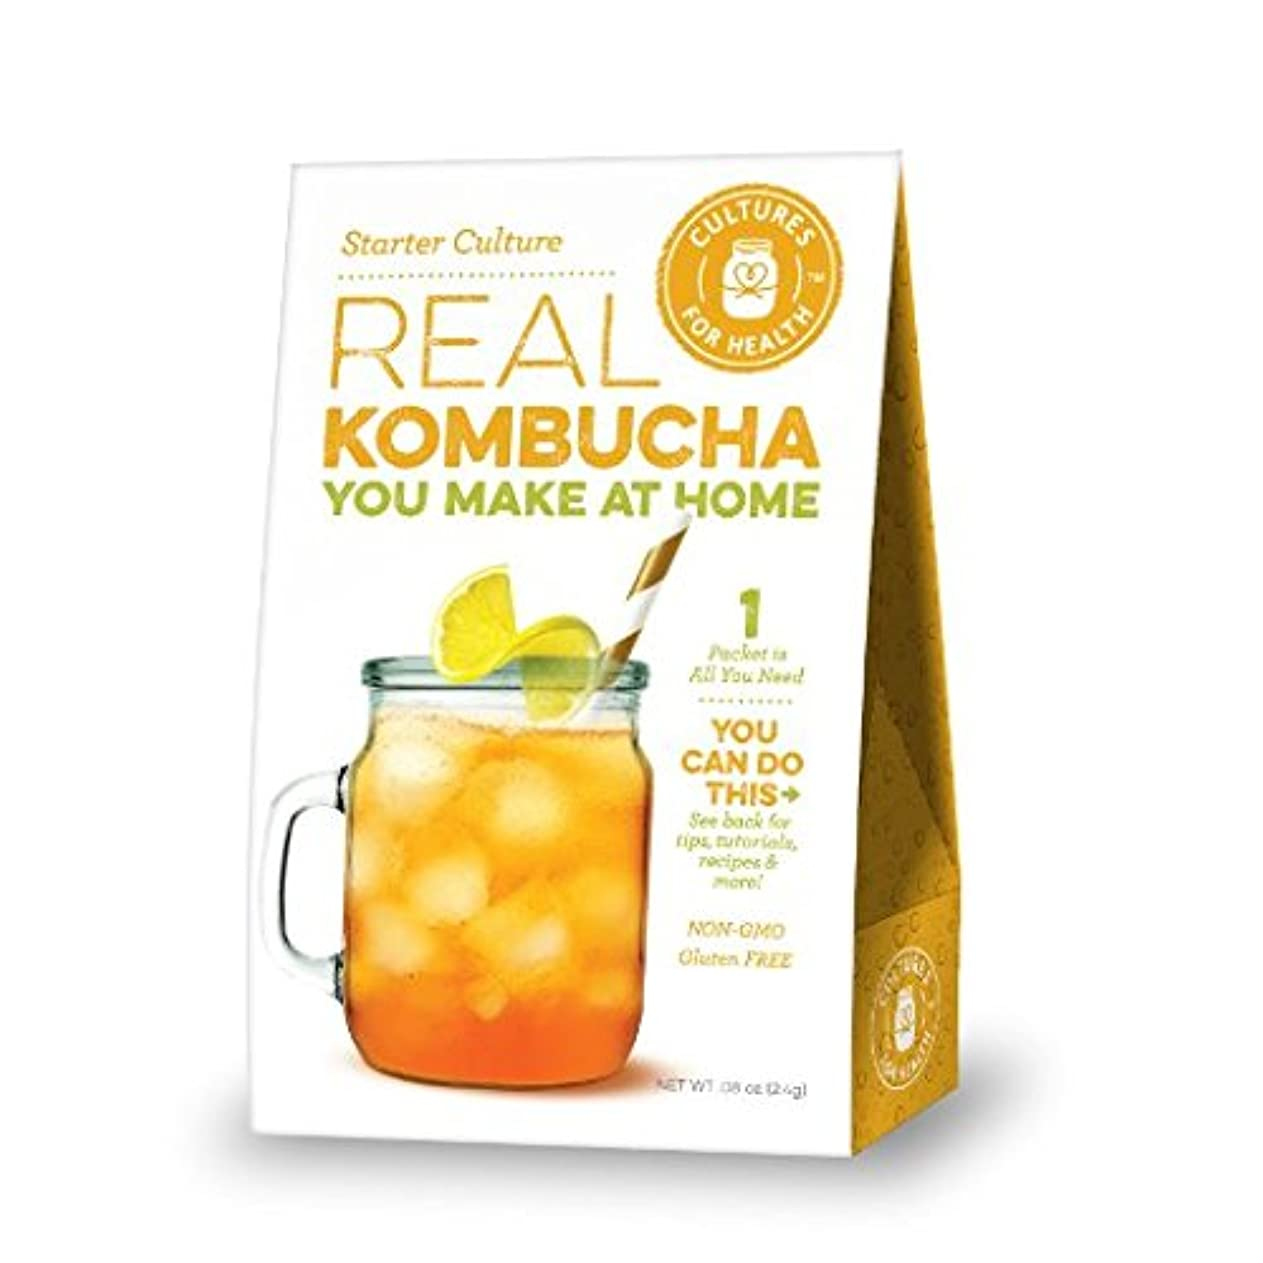 委任する毛布前任者日本でも大ヒットのKombucha 紅茶キノコダイエット 日本非売品を並行輸入(海外直送品) (紅茶キノコをお家で培養(菌の販売) [並行輸入品]